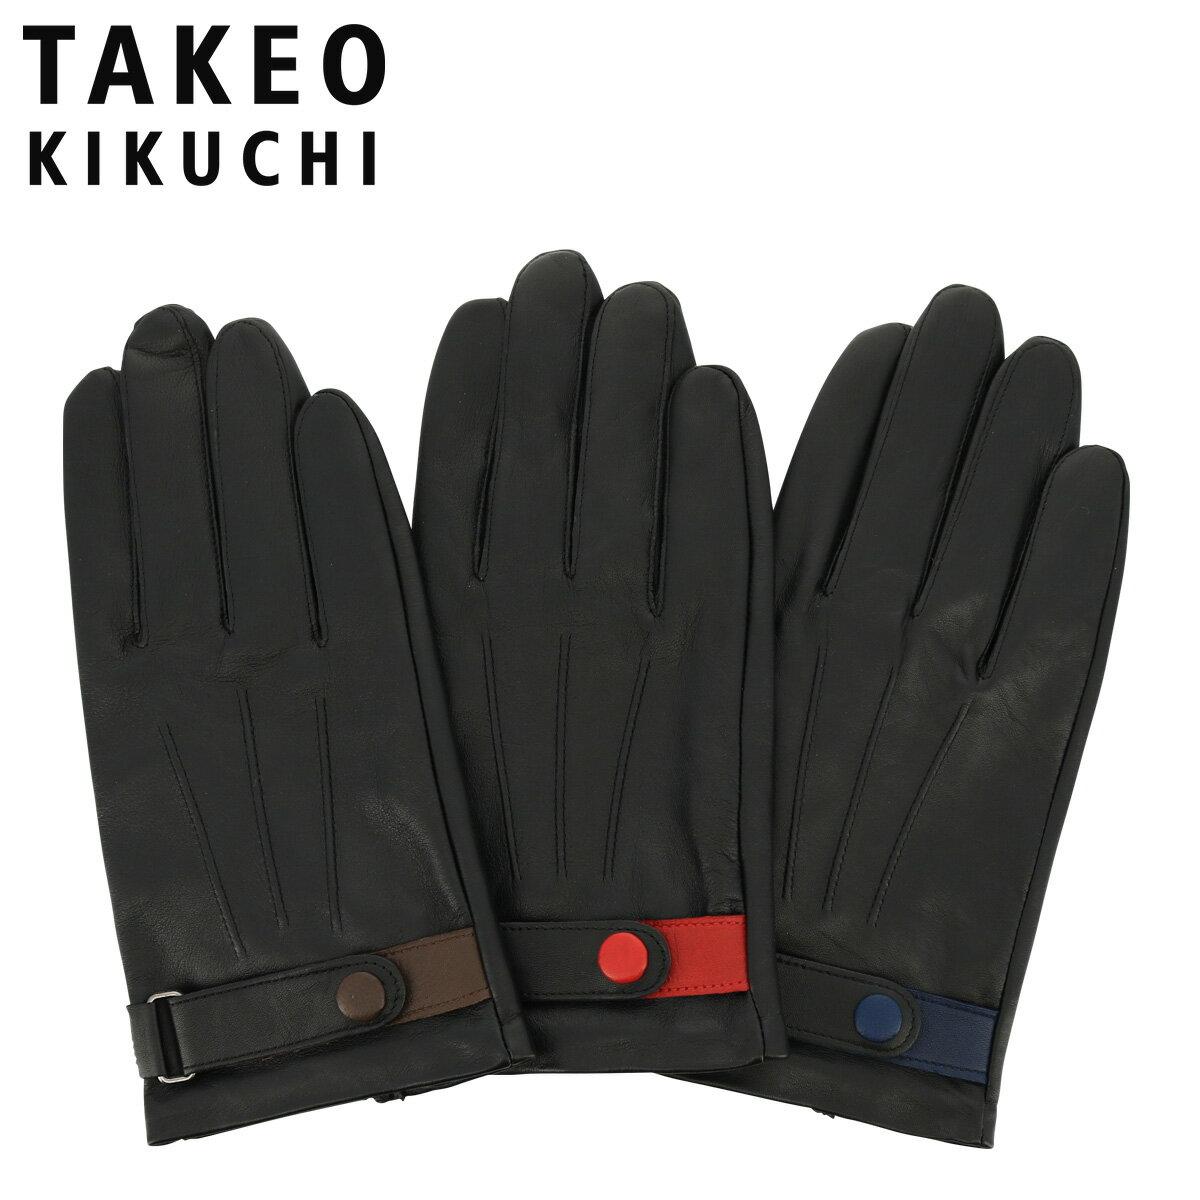 タケオキクチ 手袋 メンズ tk-7028 TAKEO KIKUCHI | 本革 レザー 秋冬 防寒 [初売り][即日発送][PO5]